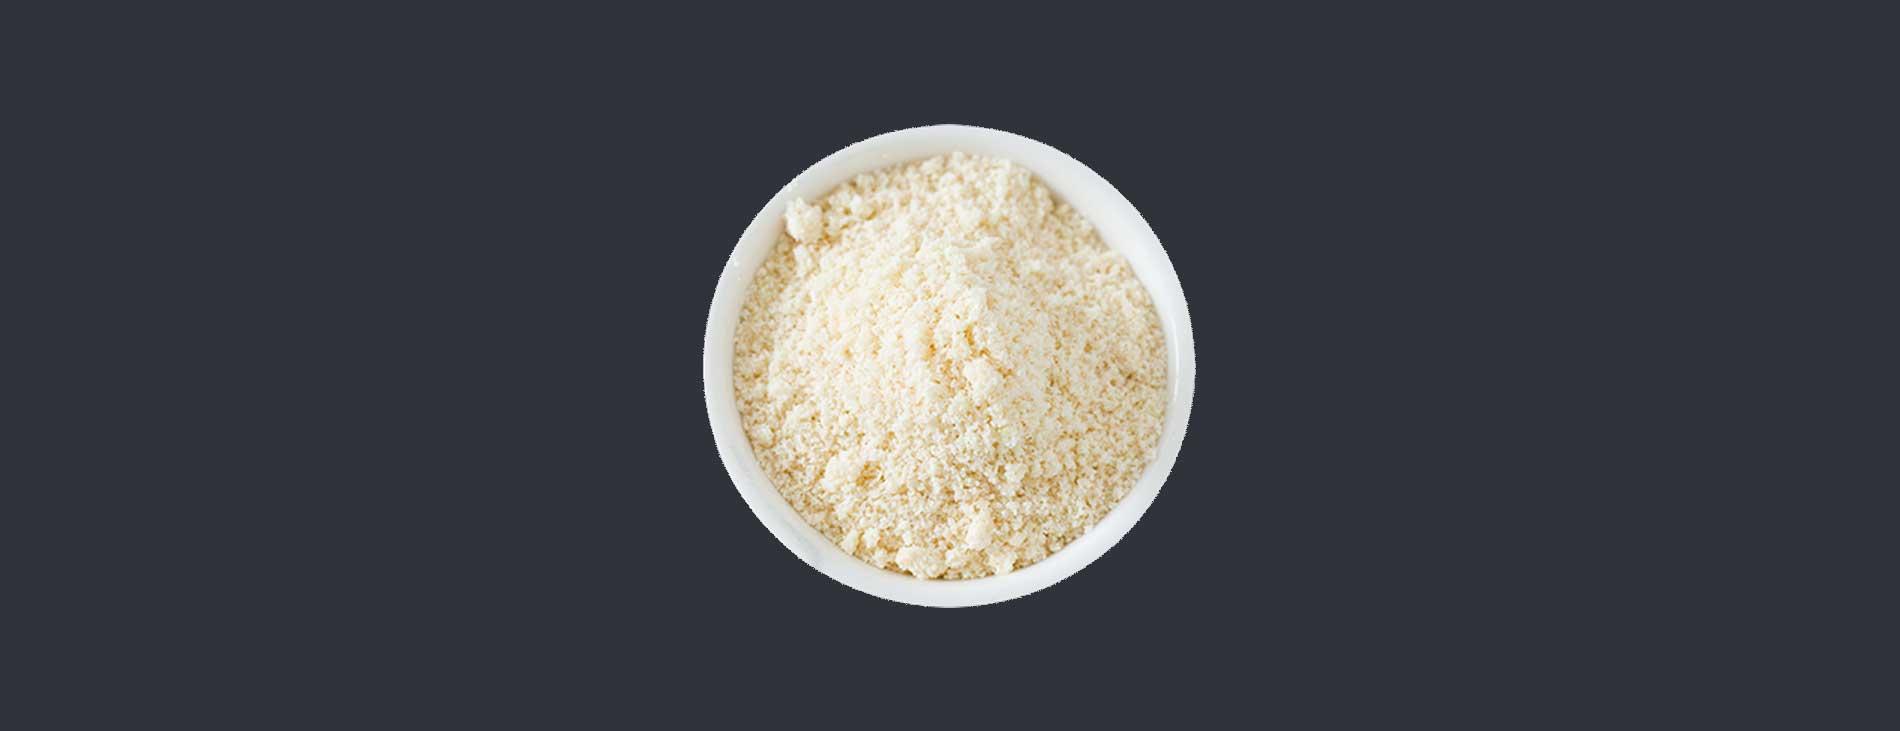 Ingrédients-laitiers-g